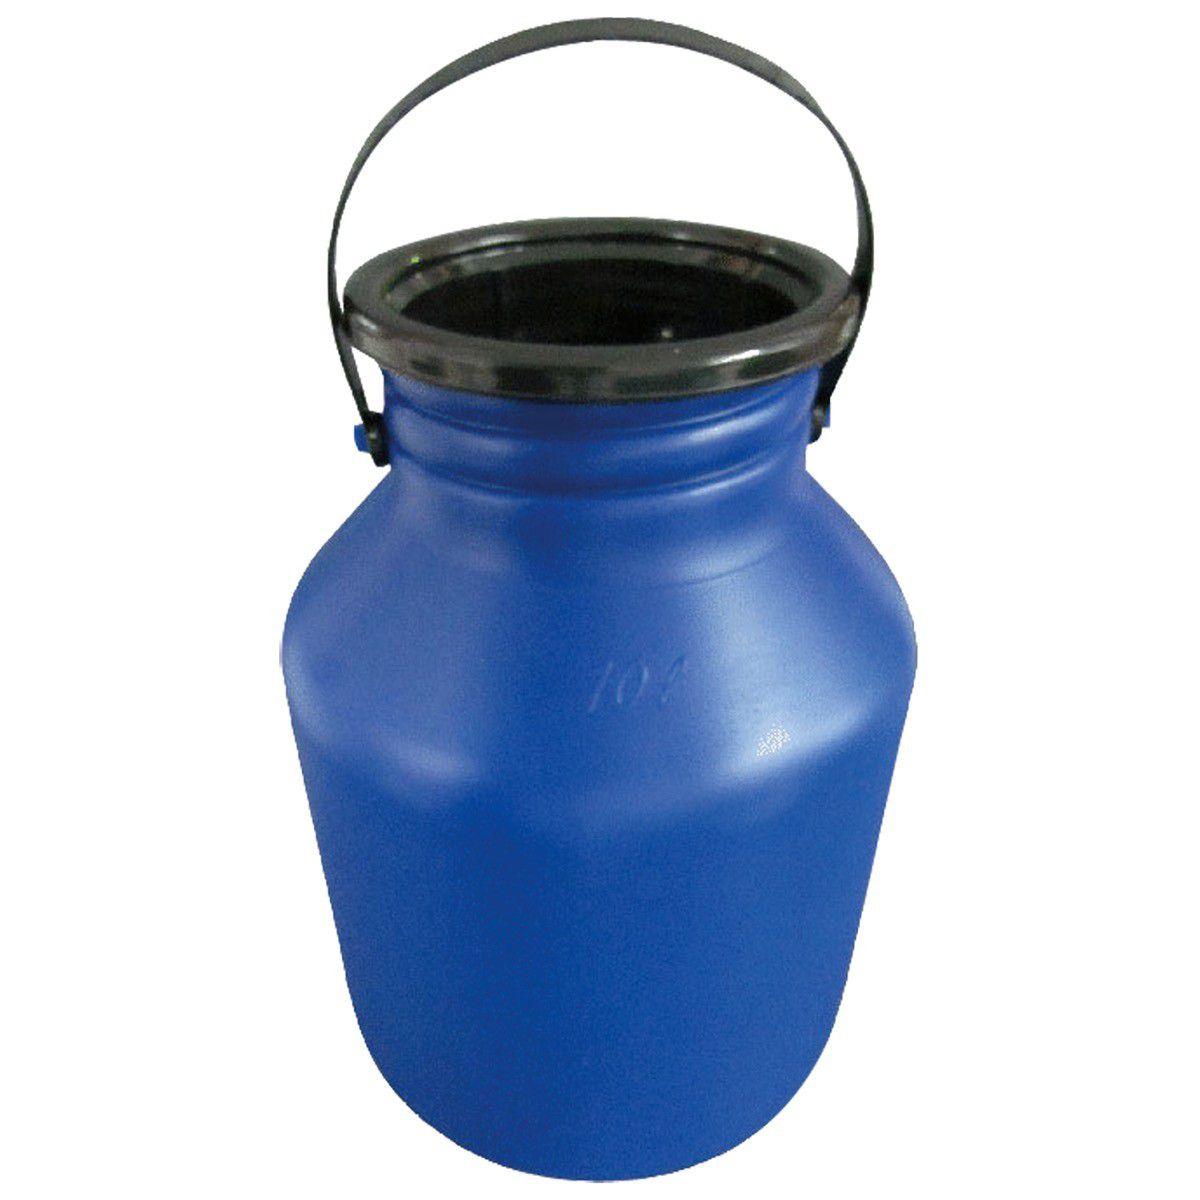 Latão Vasilhame Plastico Para Leite 10 Litros Injesul